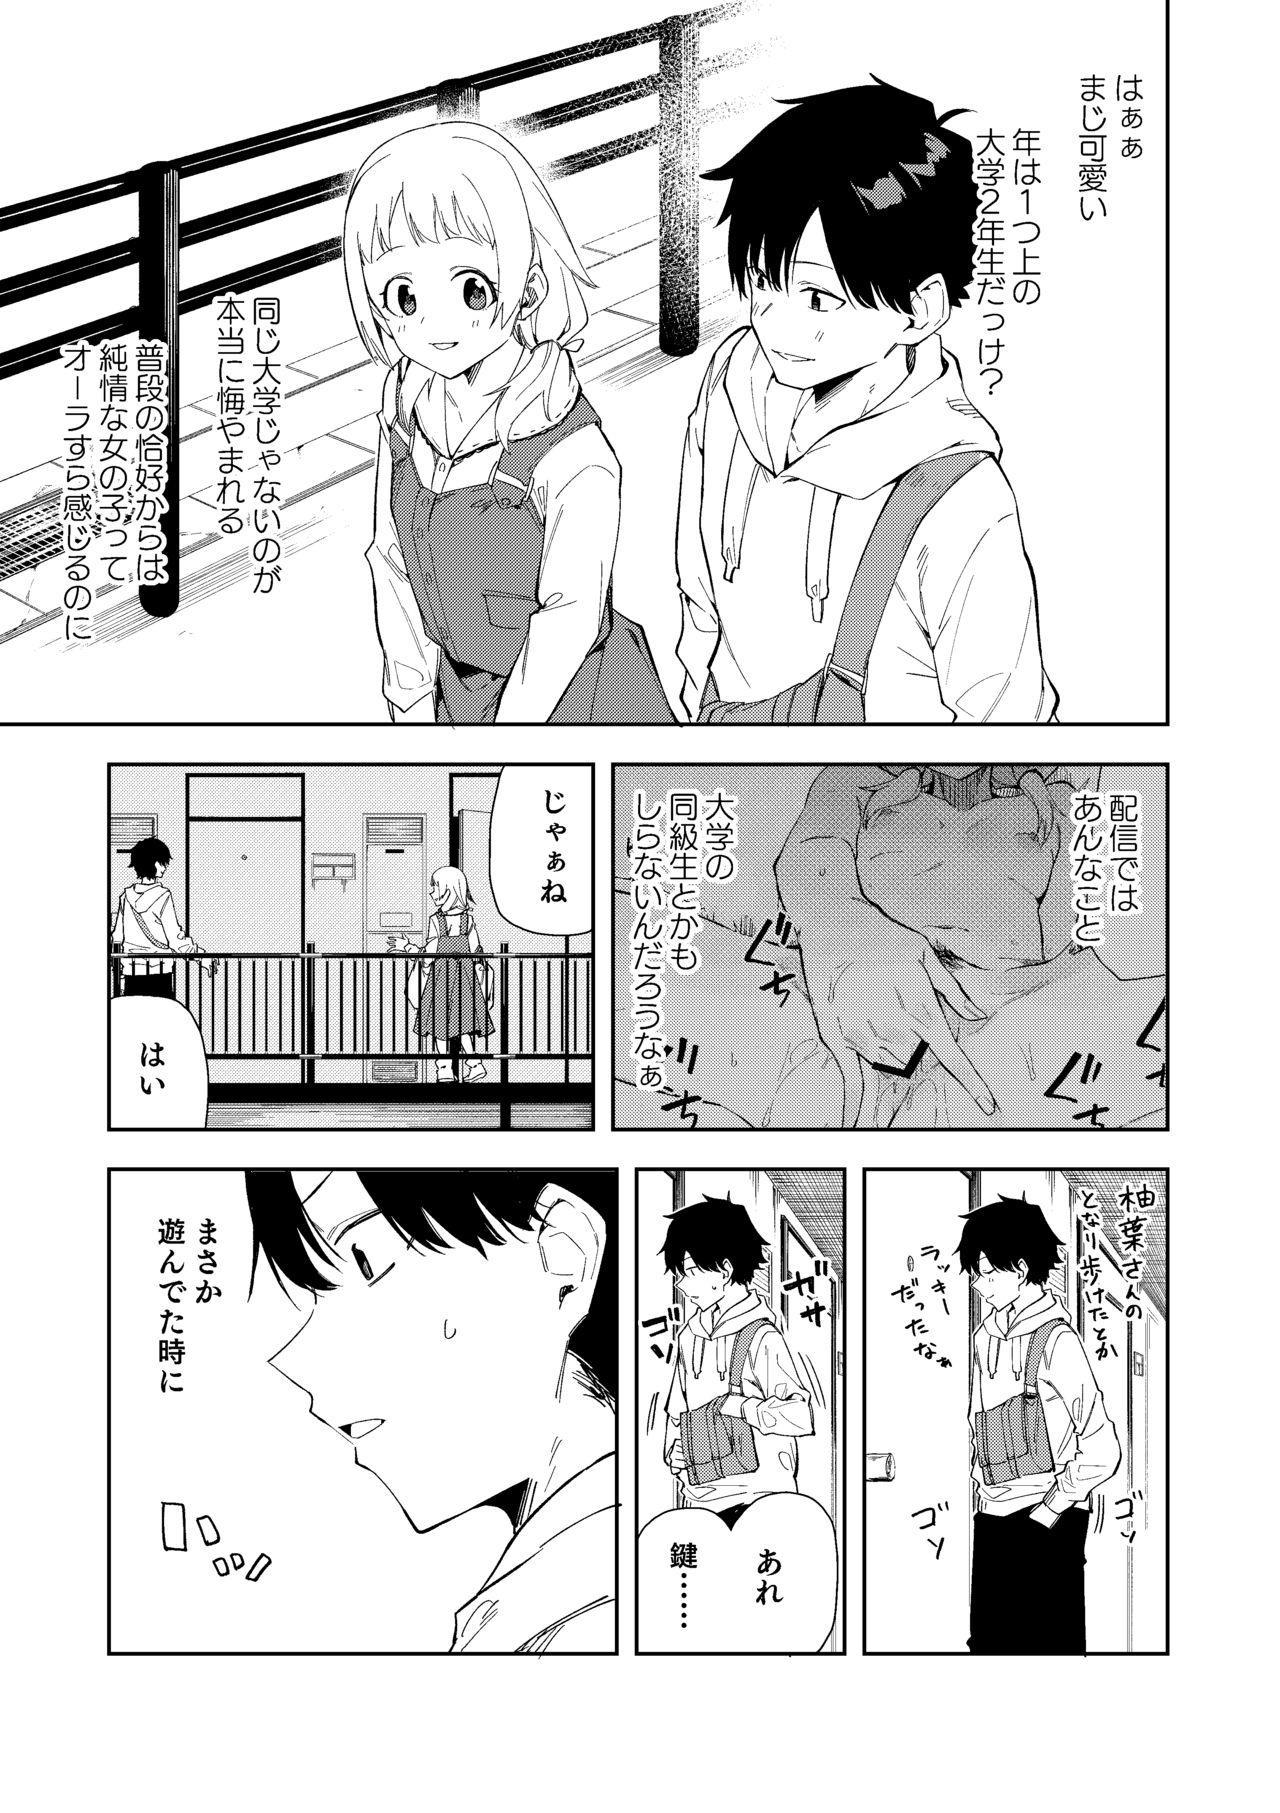 Rinjin wa Yuumei Haishinsha 3